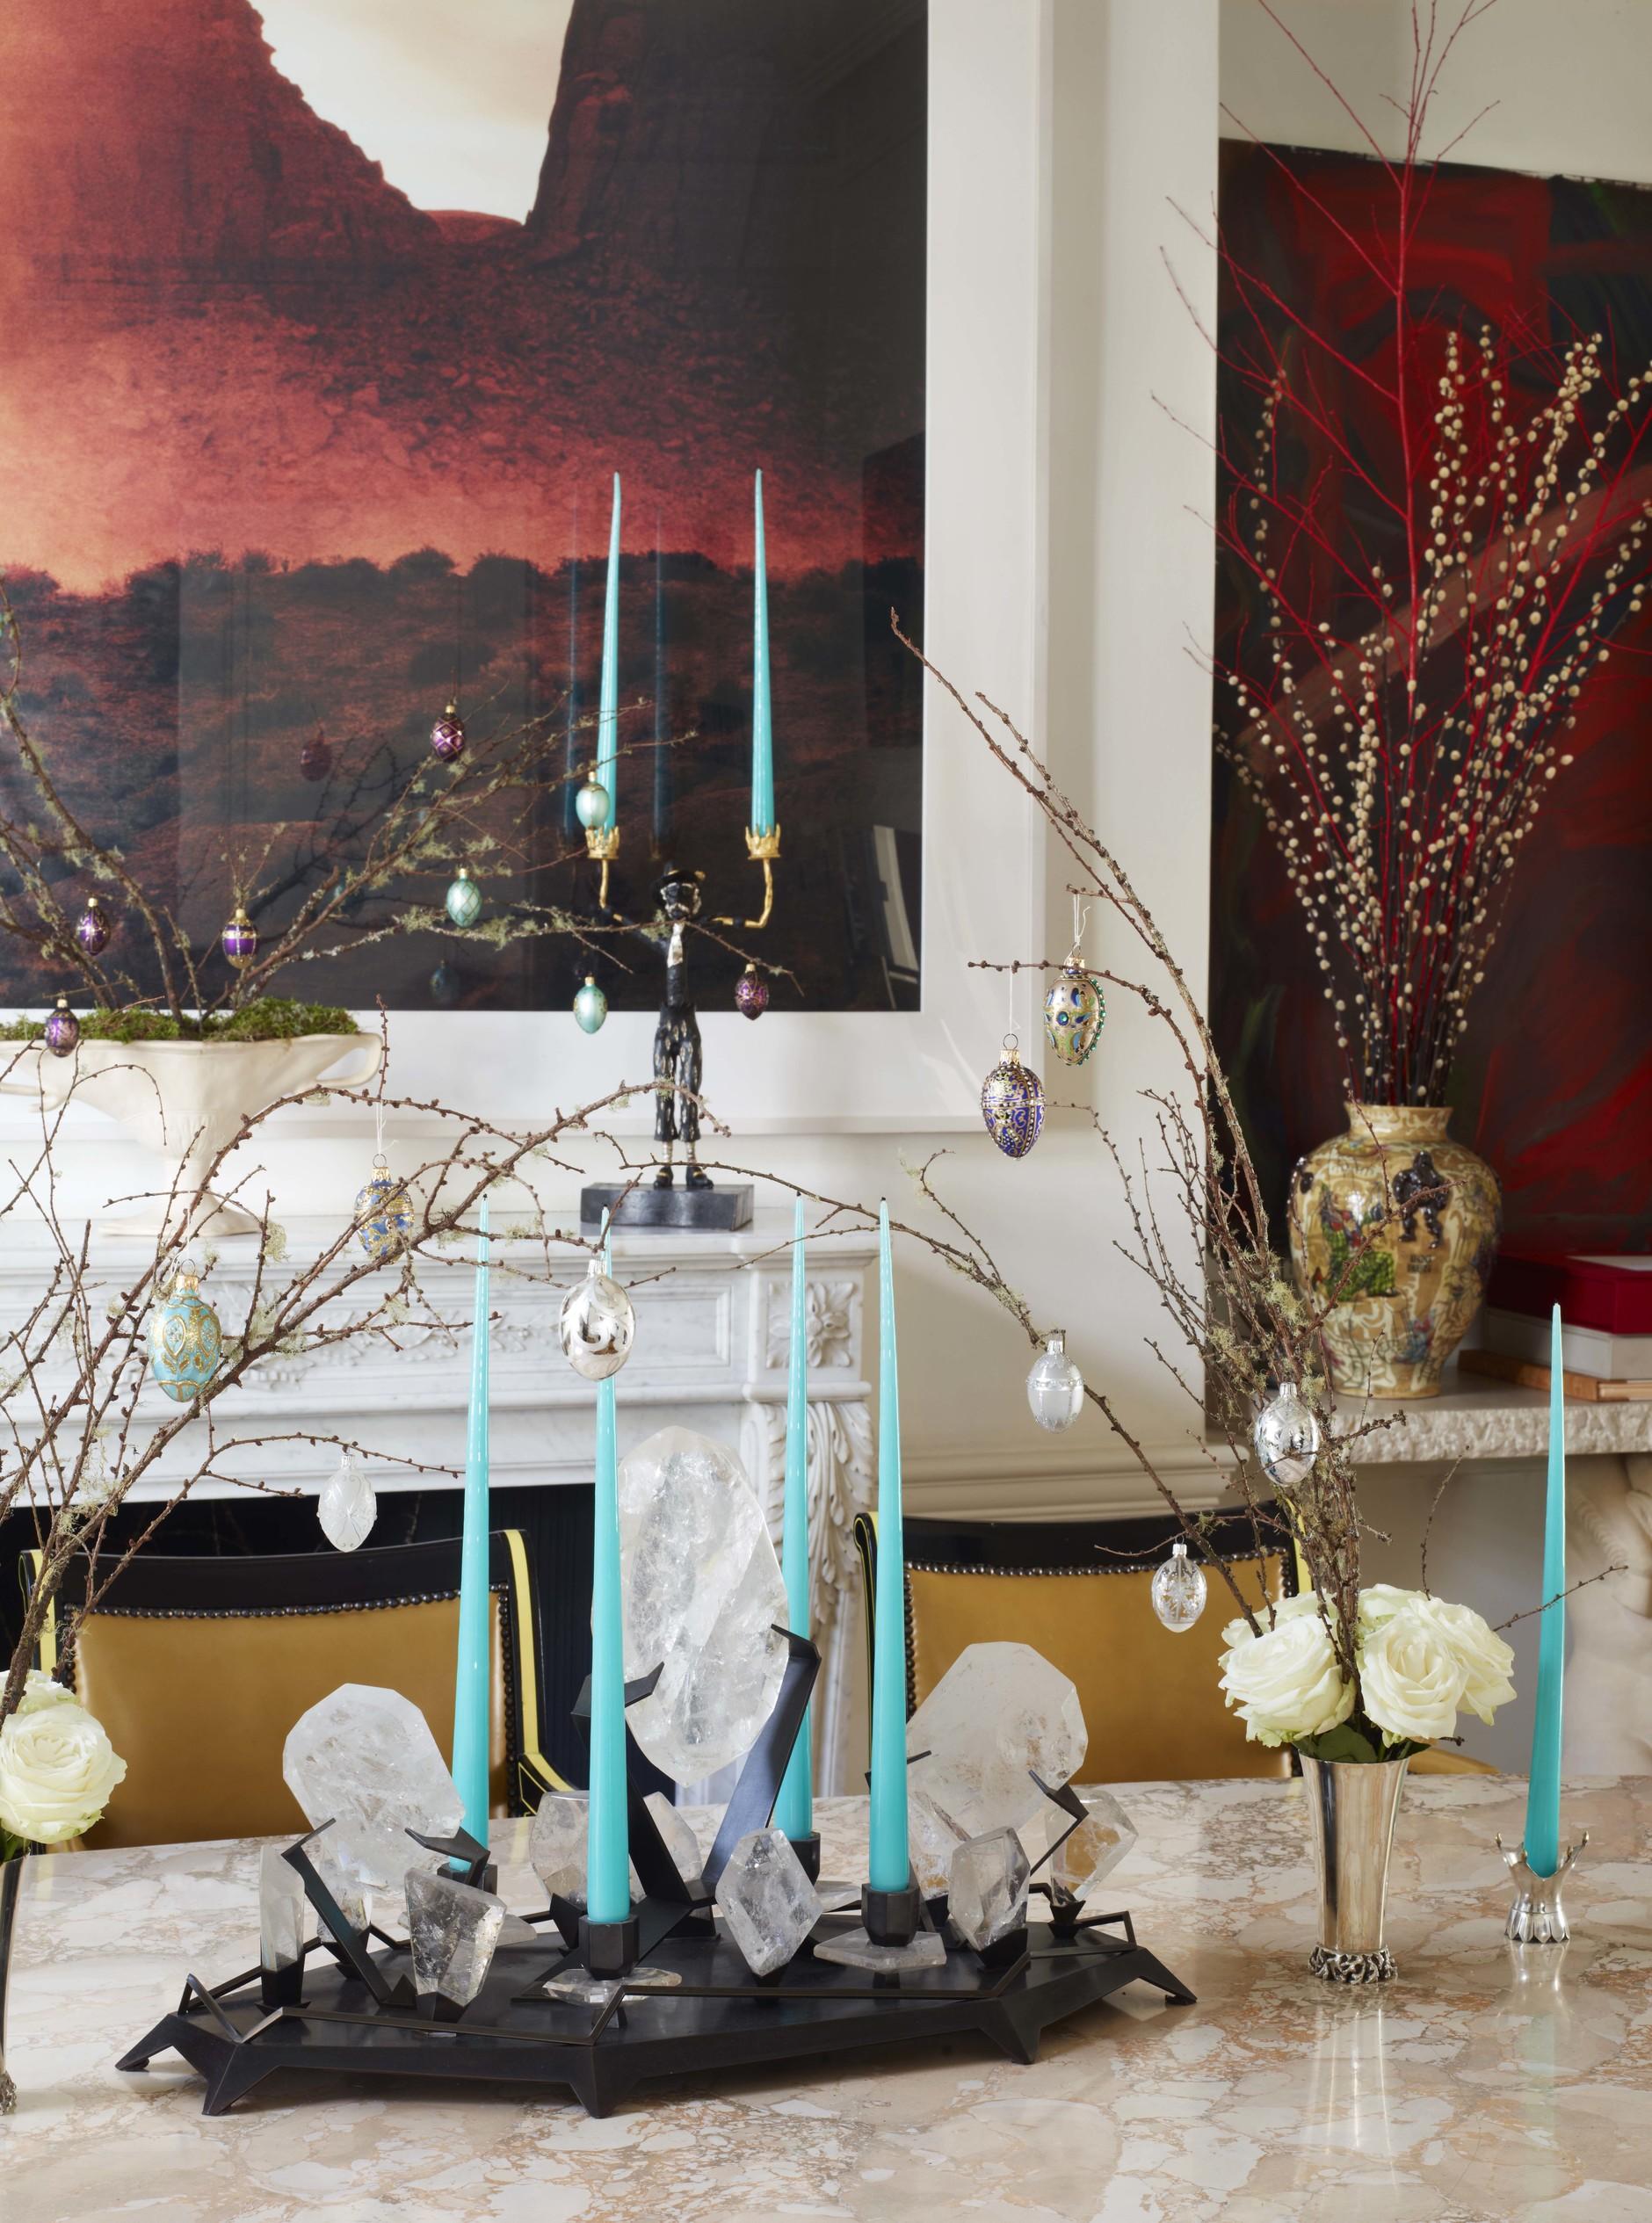 Рождество у камина: 10 идей праздничного декора (галерея 0, фото 7)